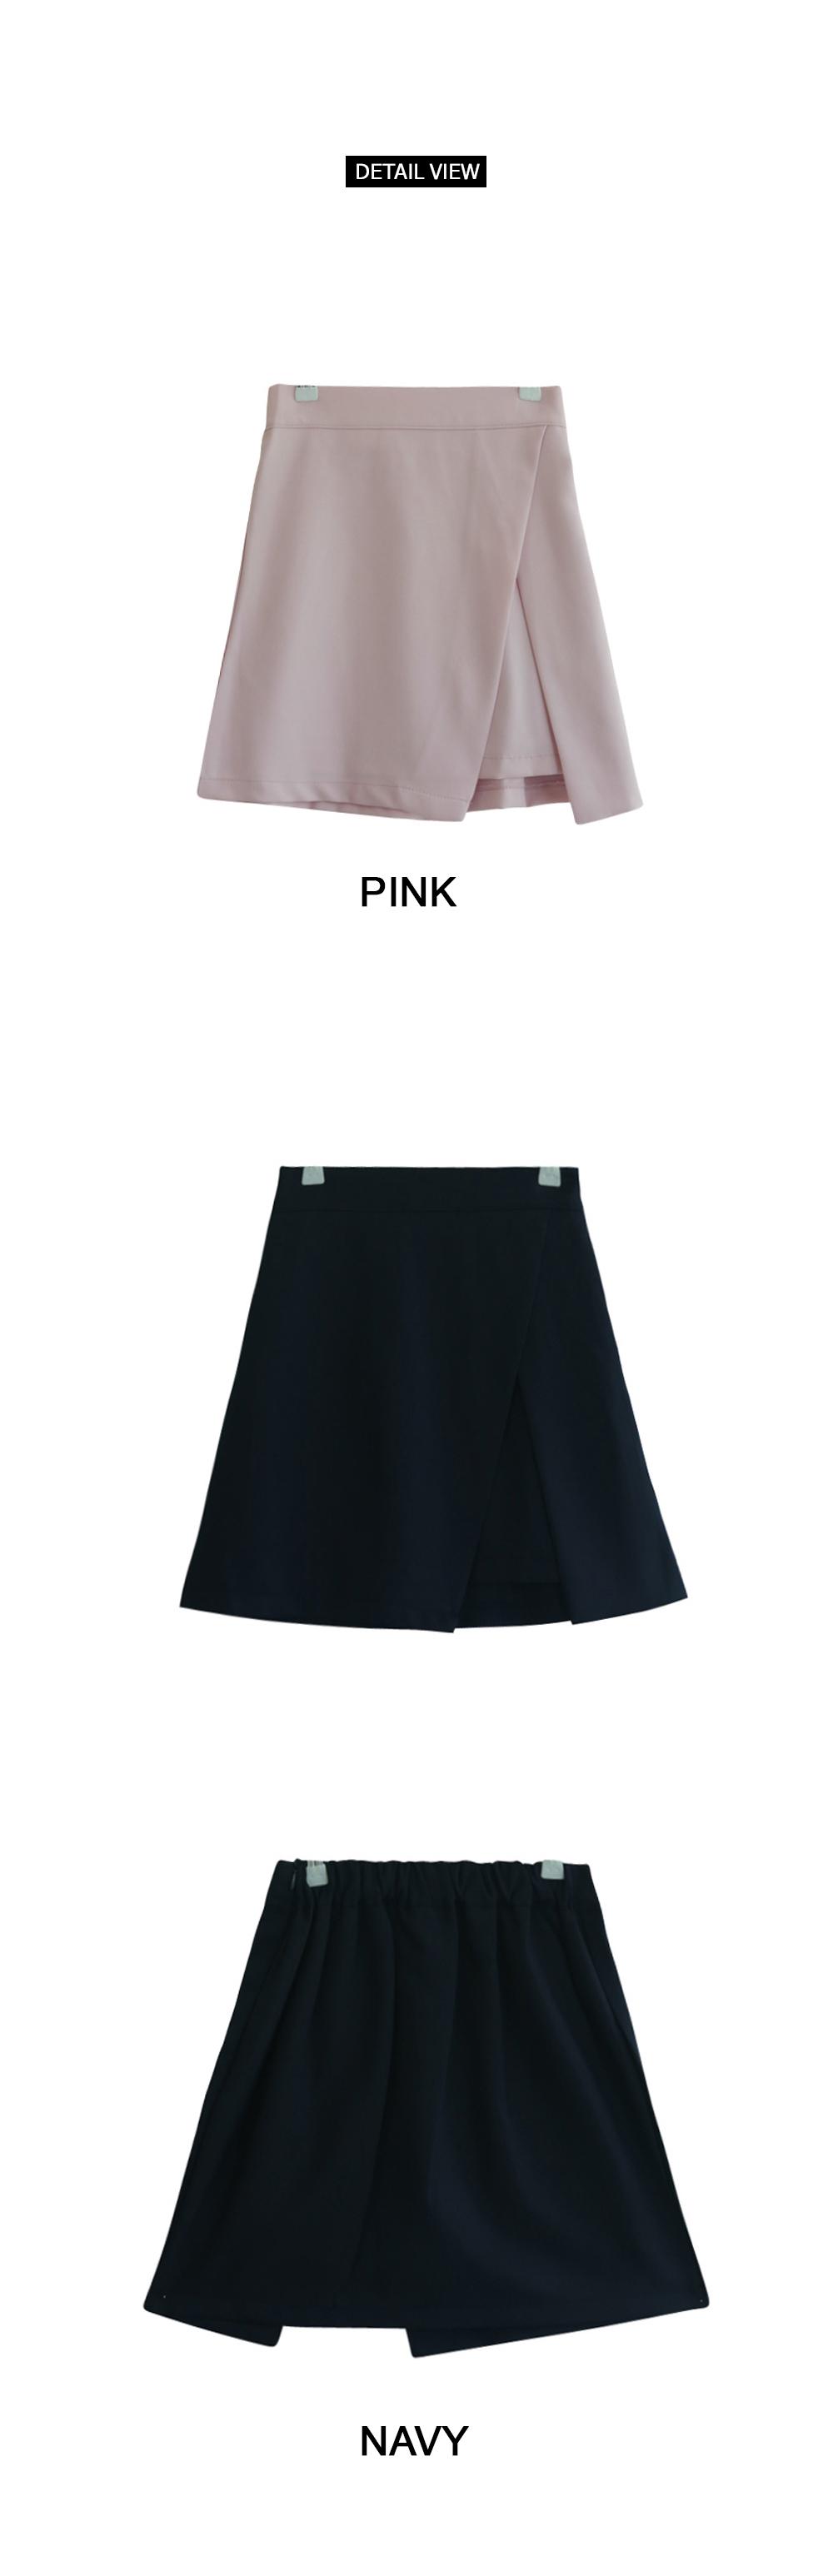 Macaroon skirt